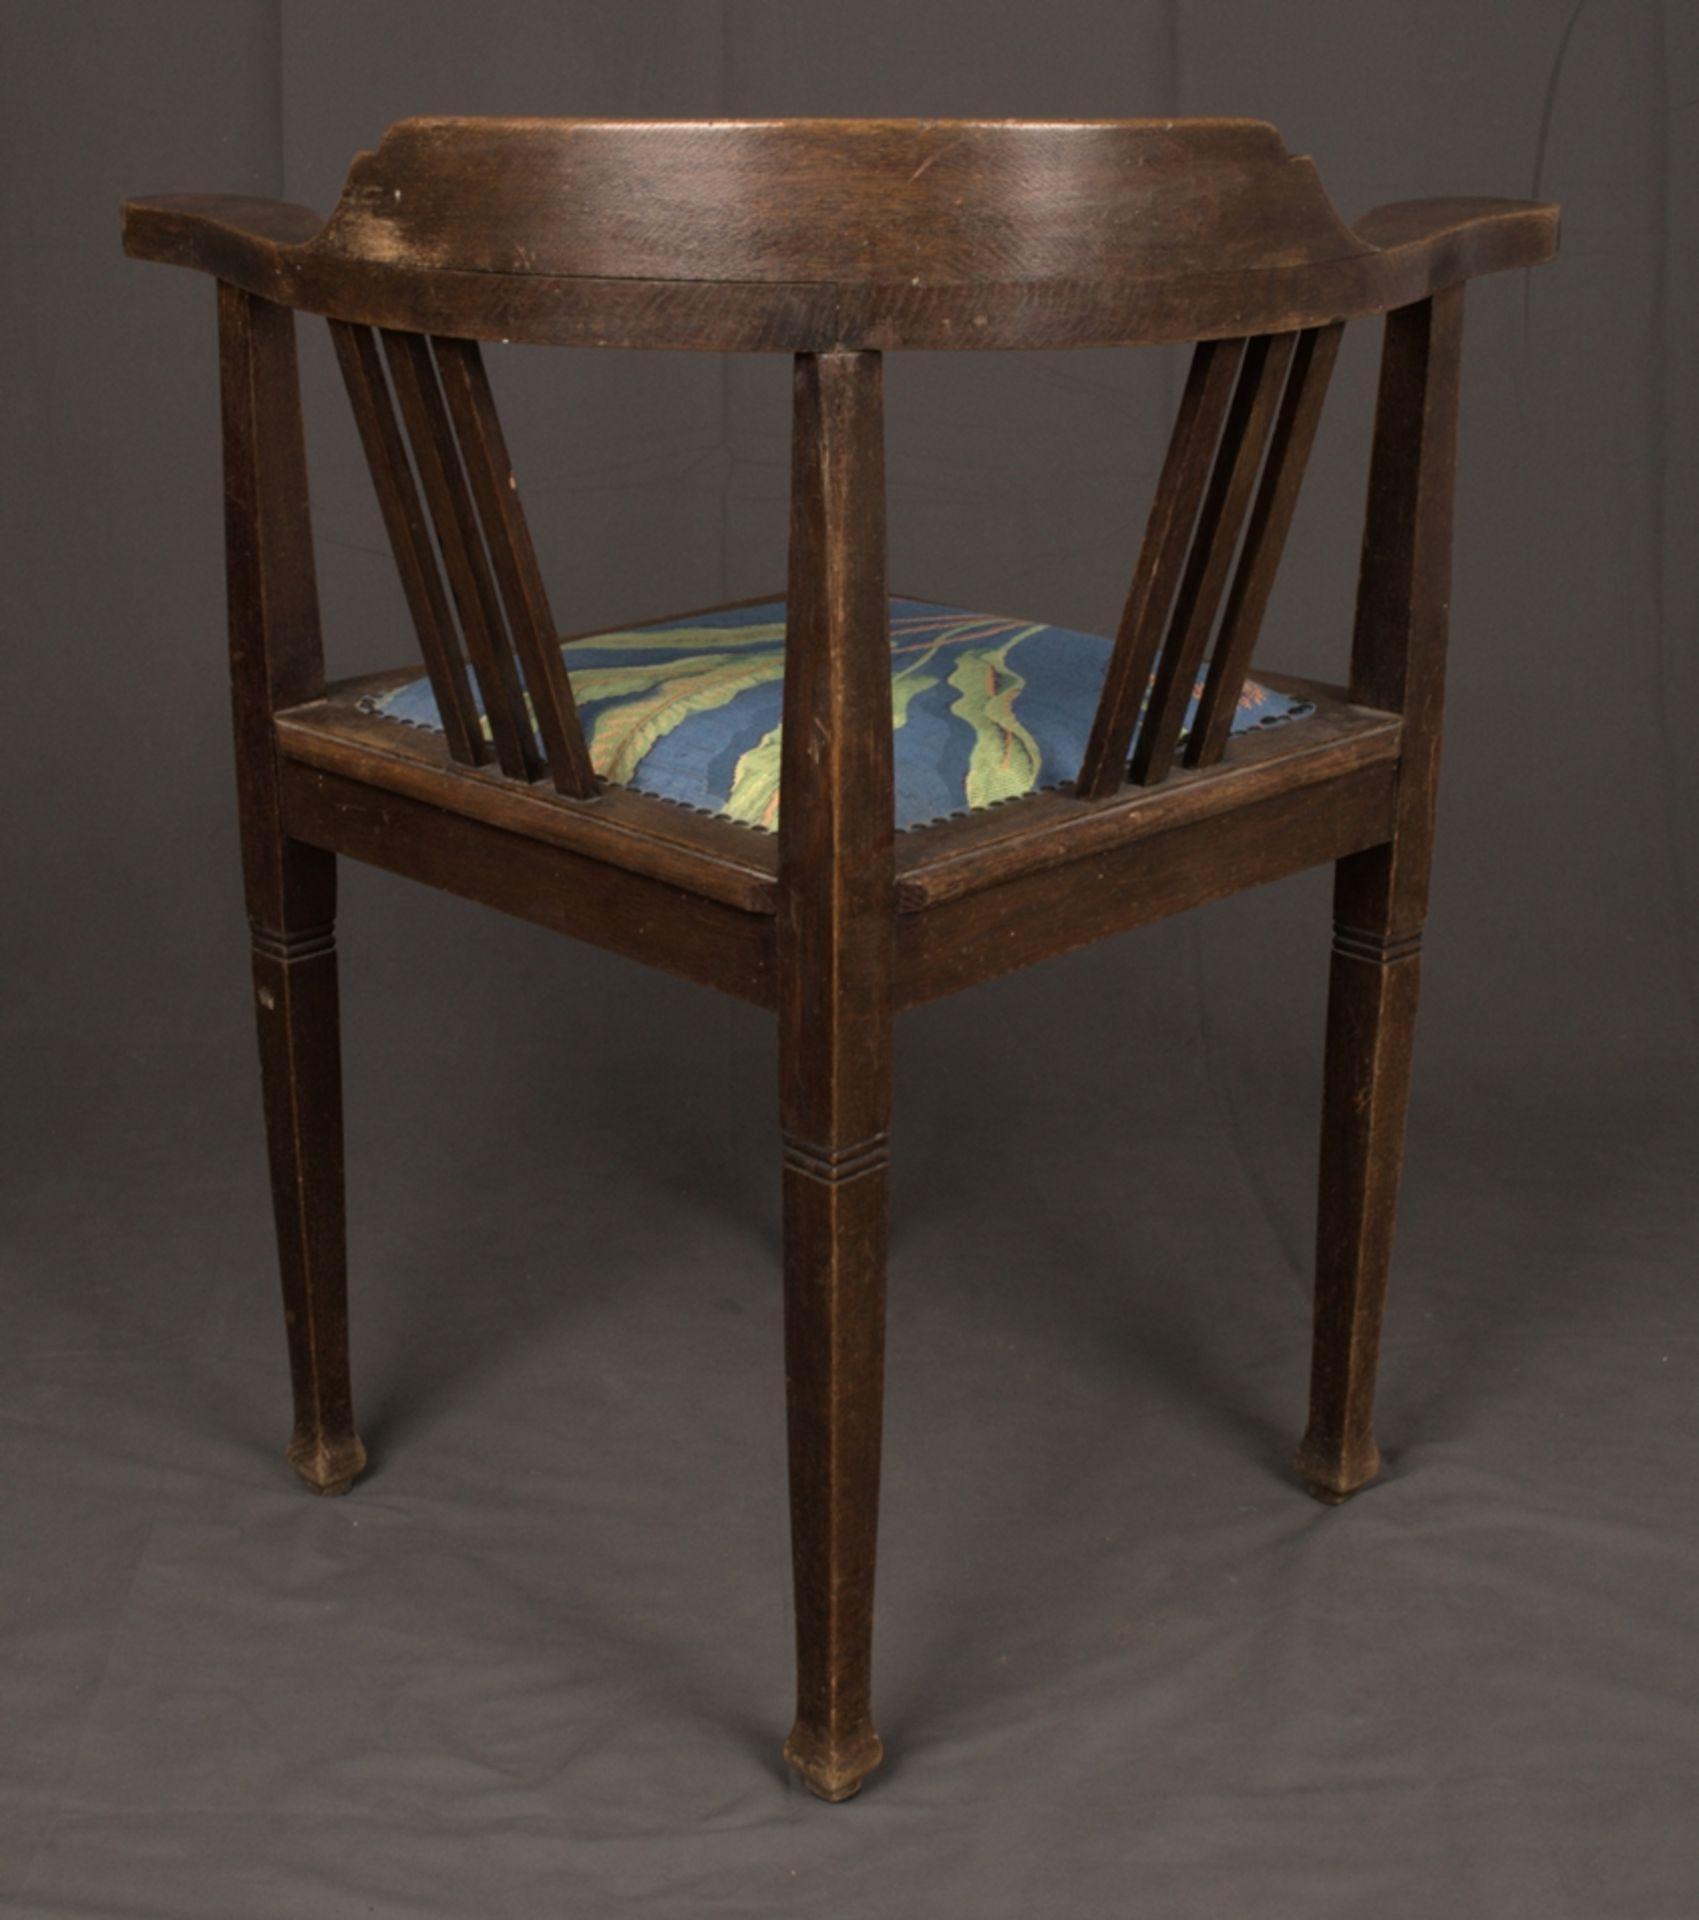 Schreibtischstuhl, Jugendstil deutsch um 1900/20. Eiche massiv, Gestell zu verleimen/unrestaurierter - Bild 5 aus 8